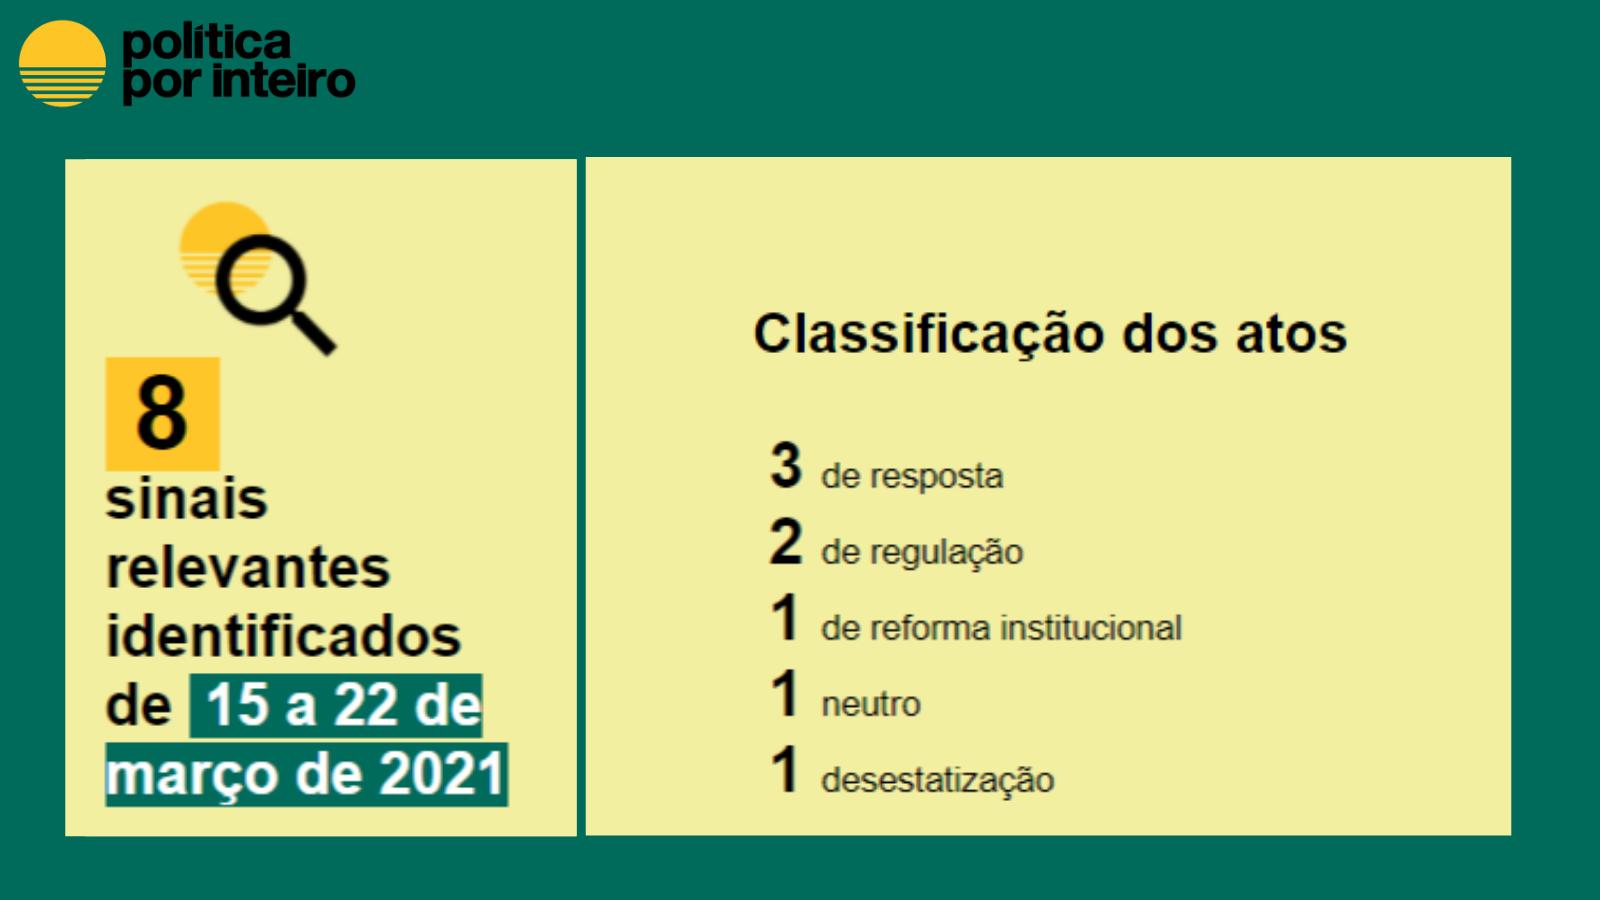 Balanço semanal em números, de 15 de a 22 de março - Classificação Resposta: 3 Regulação: 2 Reforma Institucional: 1 Neutro: 1 Desestatização: 1